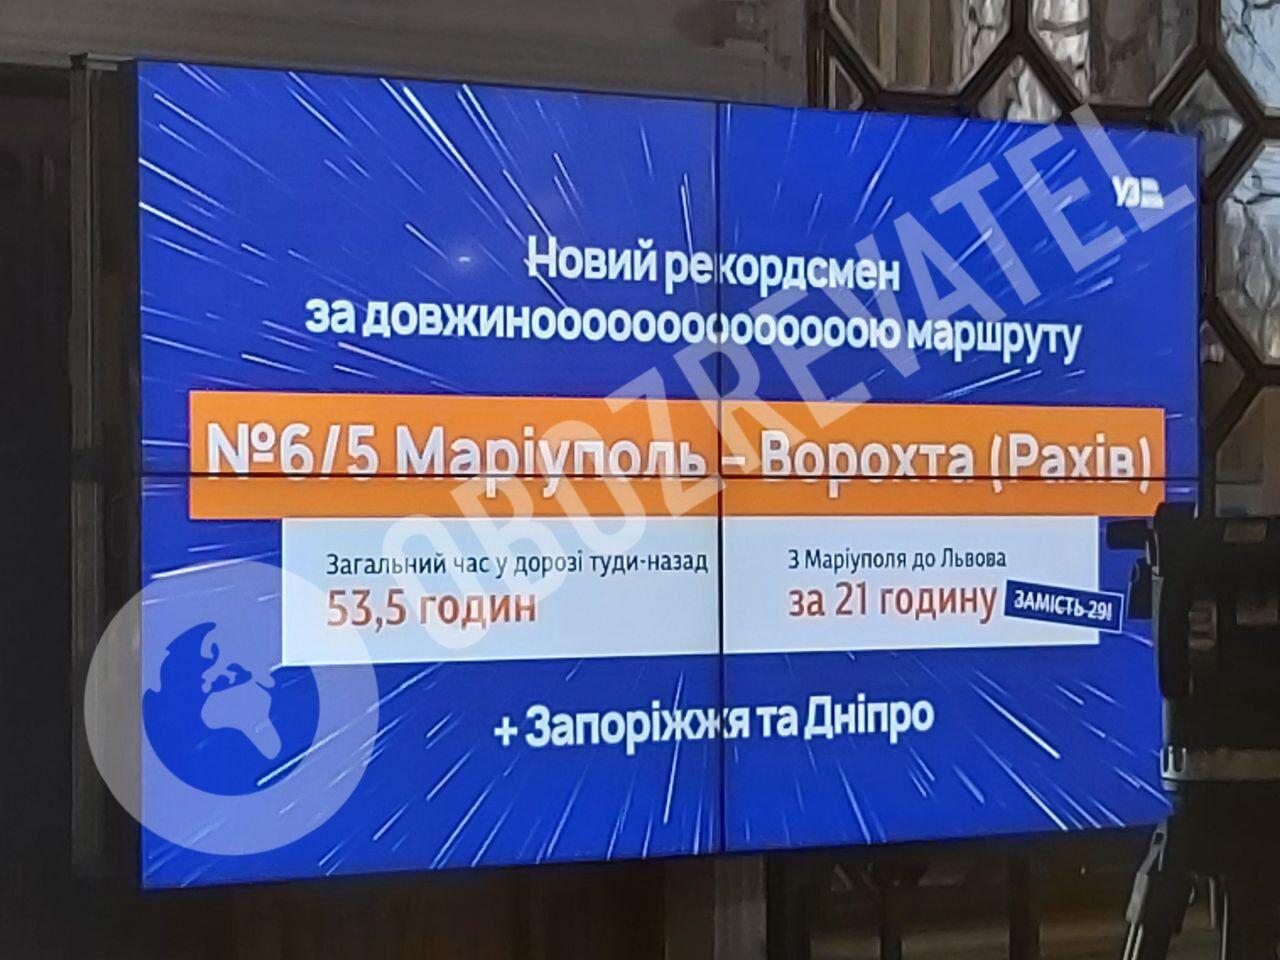 У графіку на наступний рік з'явився новий потяг №5/6 сполученням Маріуполь – Ворохта